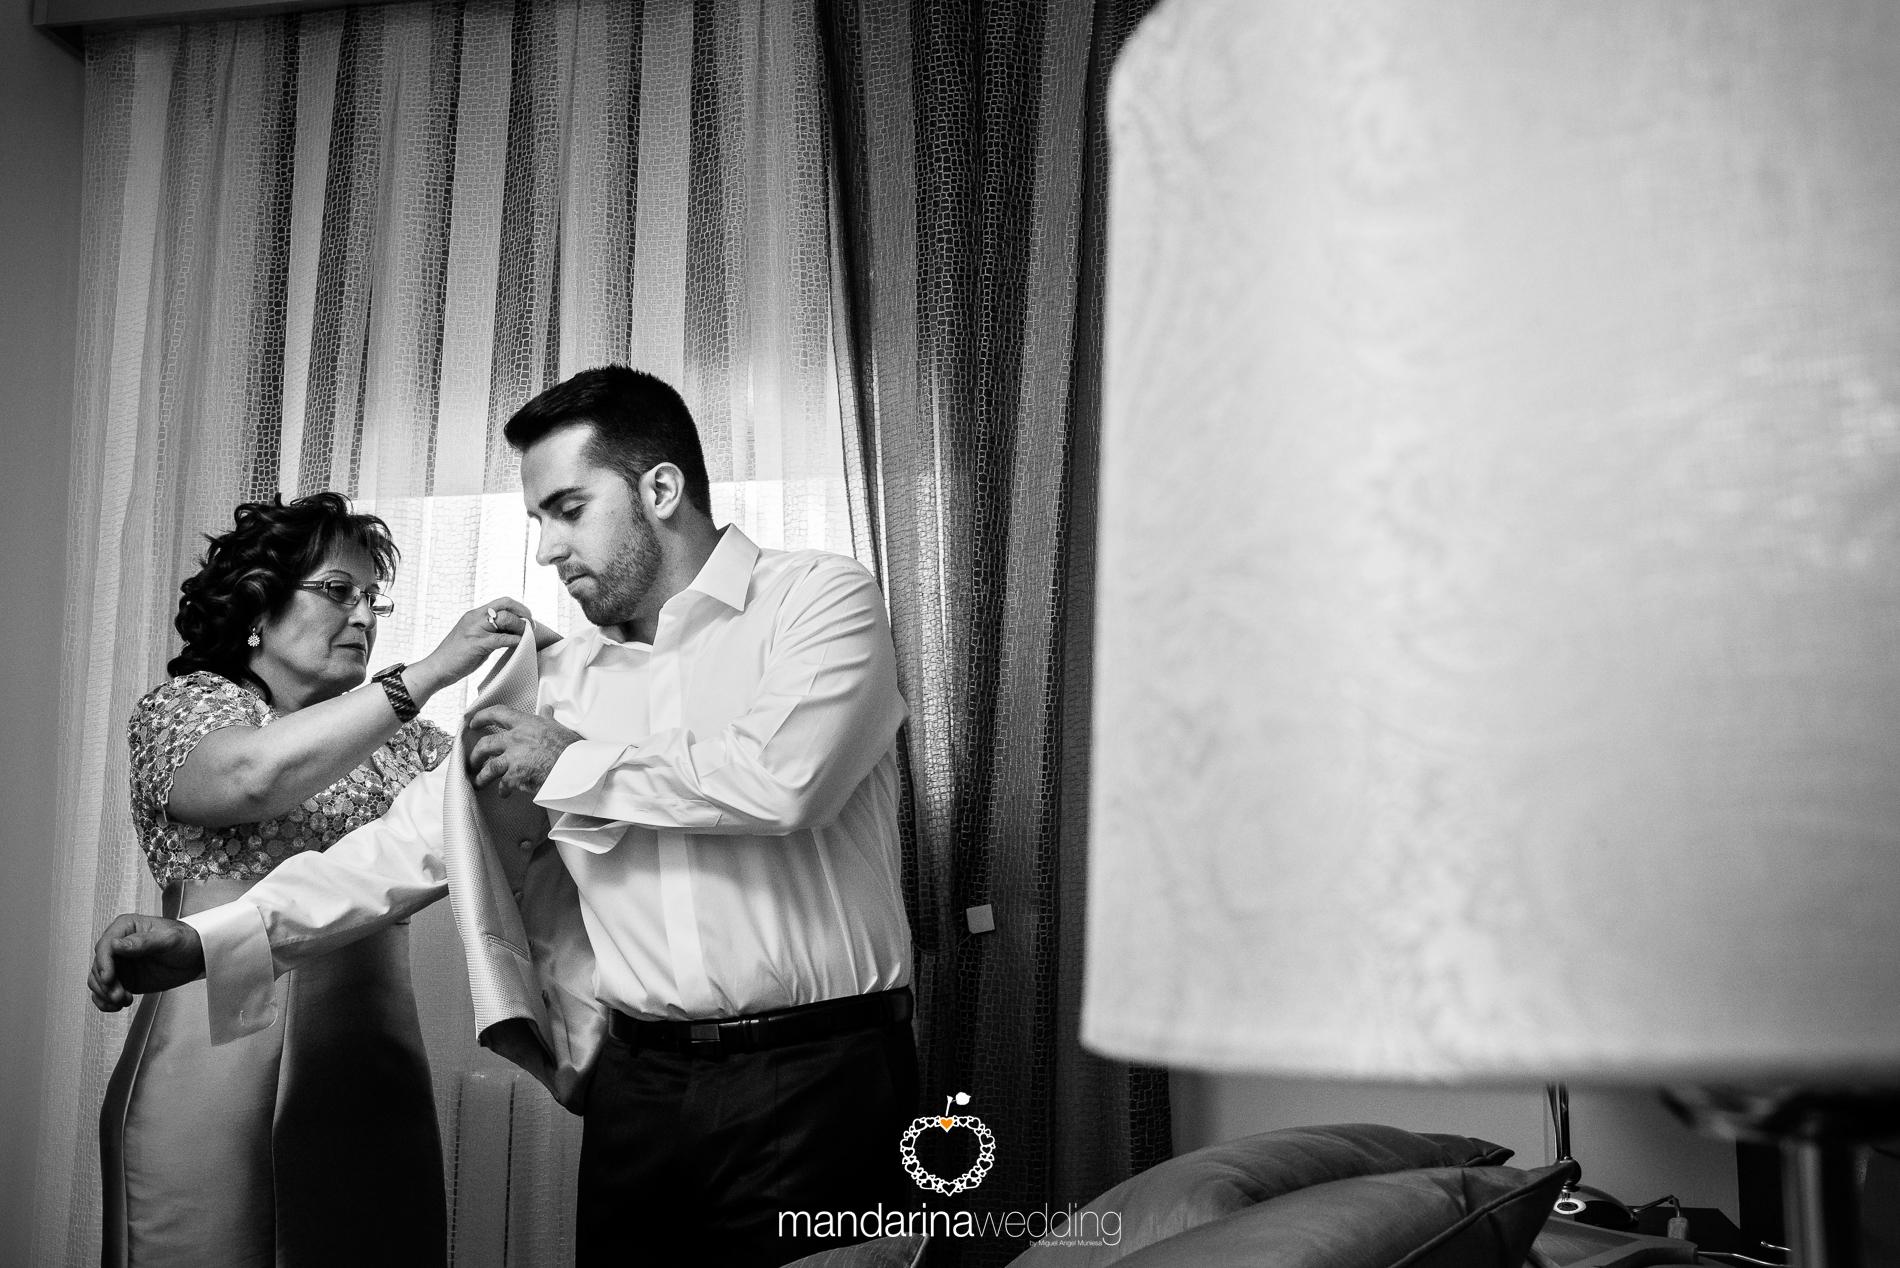 mandarina wedding_07